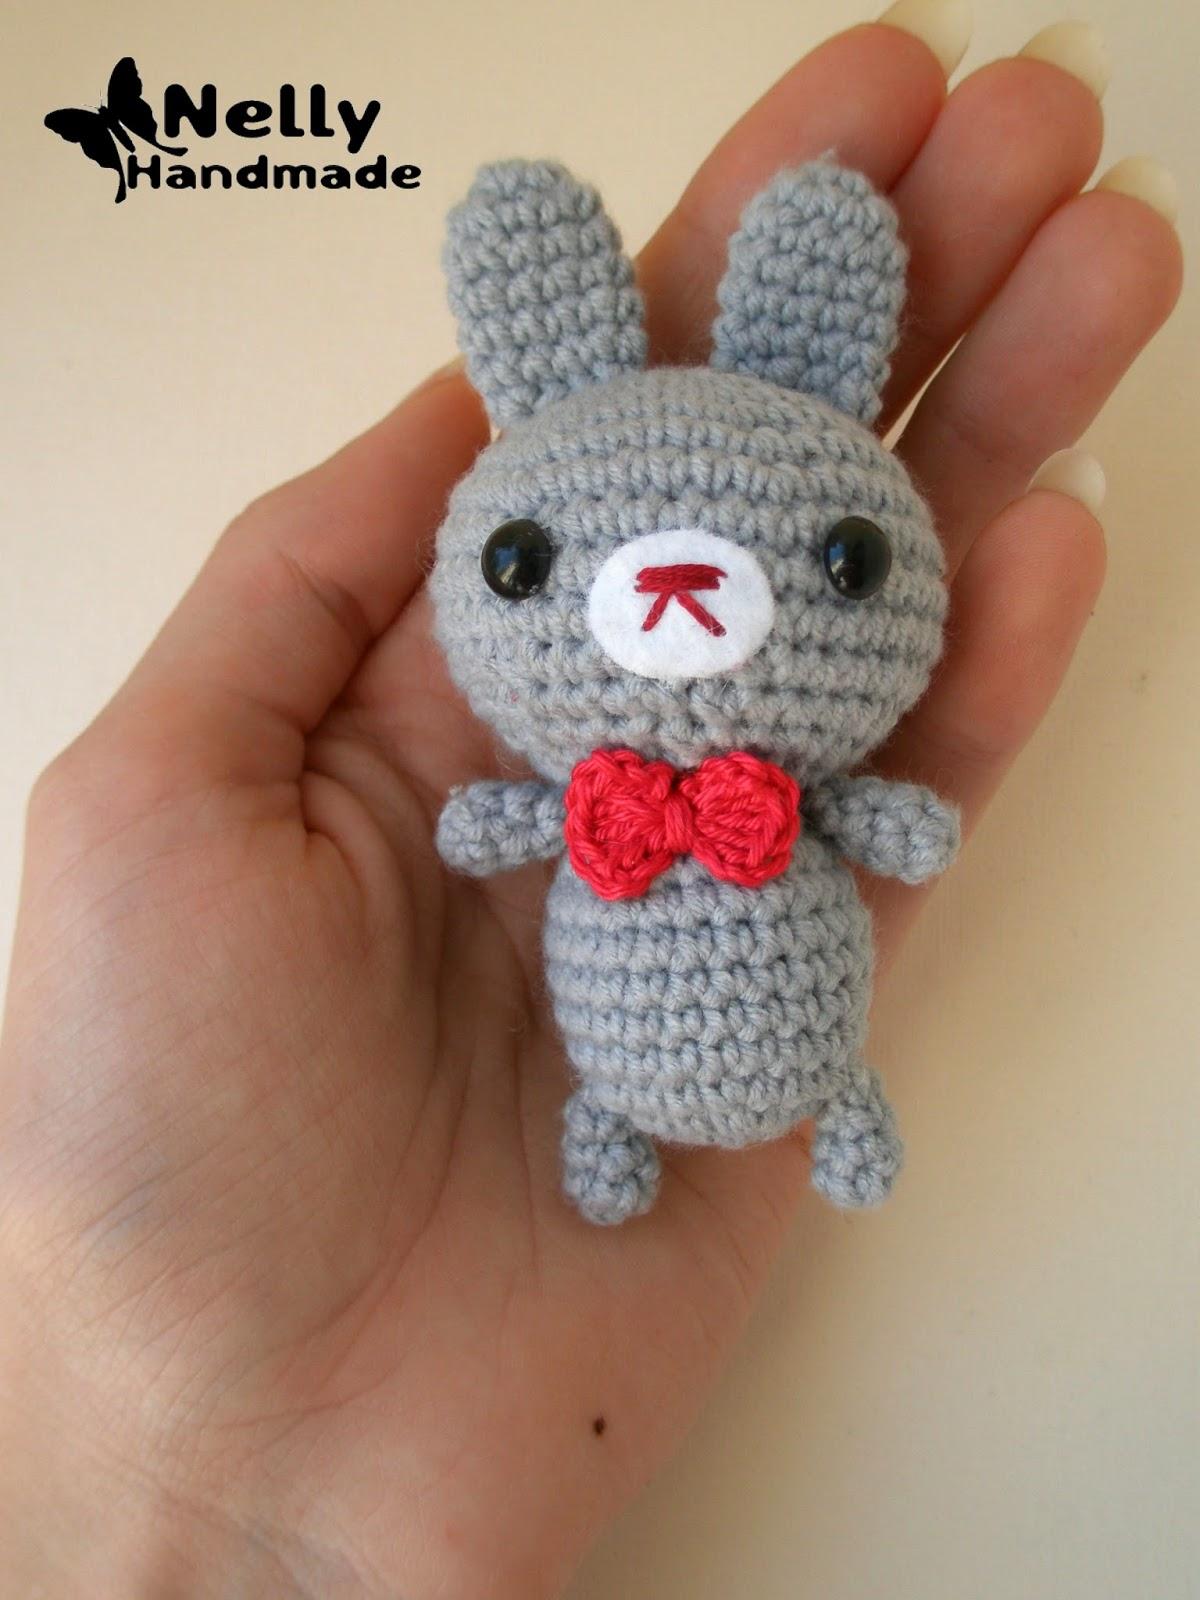 Crochet Amigurumi Bunny Free & Easy Attach | easy amigurumi free pattern  bunny #Amigurumi #amp #A… in 2020 | Hase häkeln, Amigurumi häkeln, Tiere  häkeln anleitung kostenlos | 1600x1200